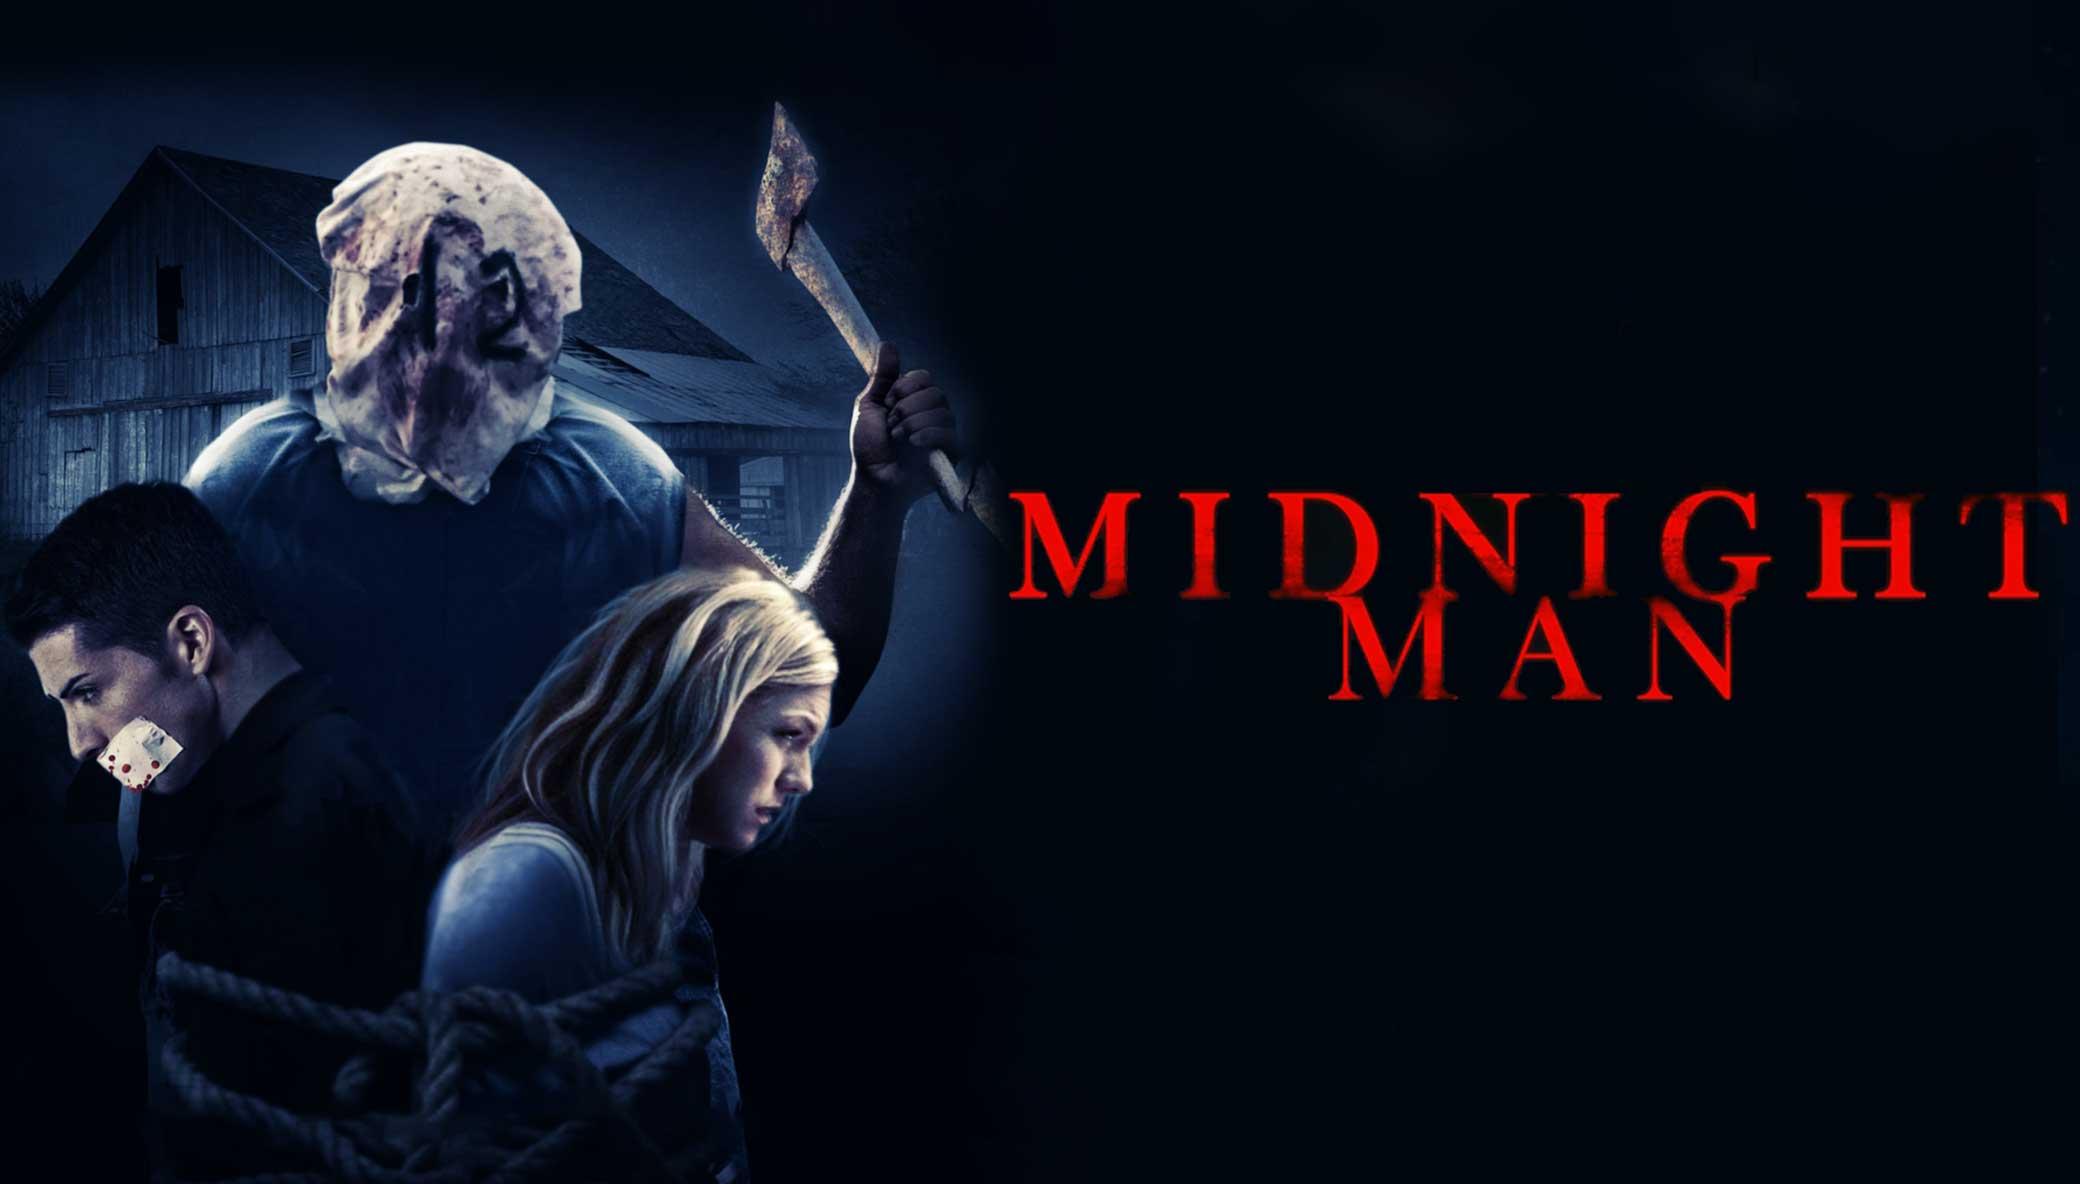 midnight-man-der-tod-kommt-um-mitternacht\header.jpg